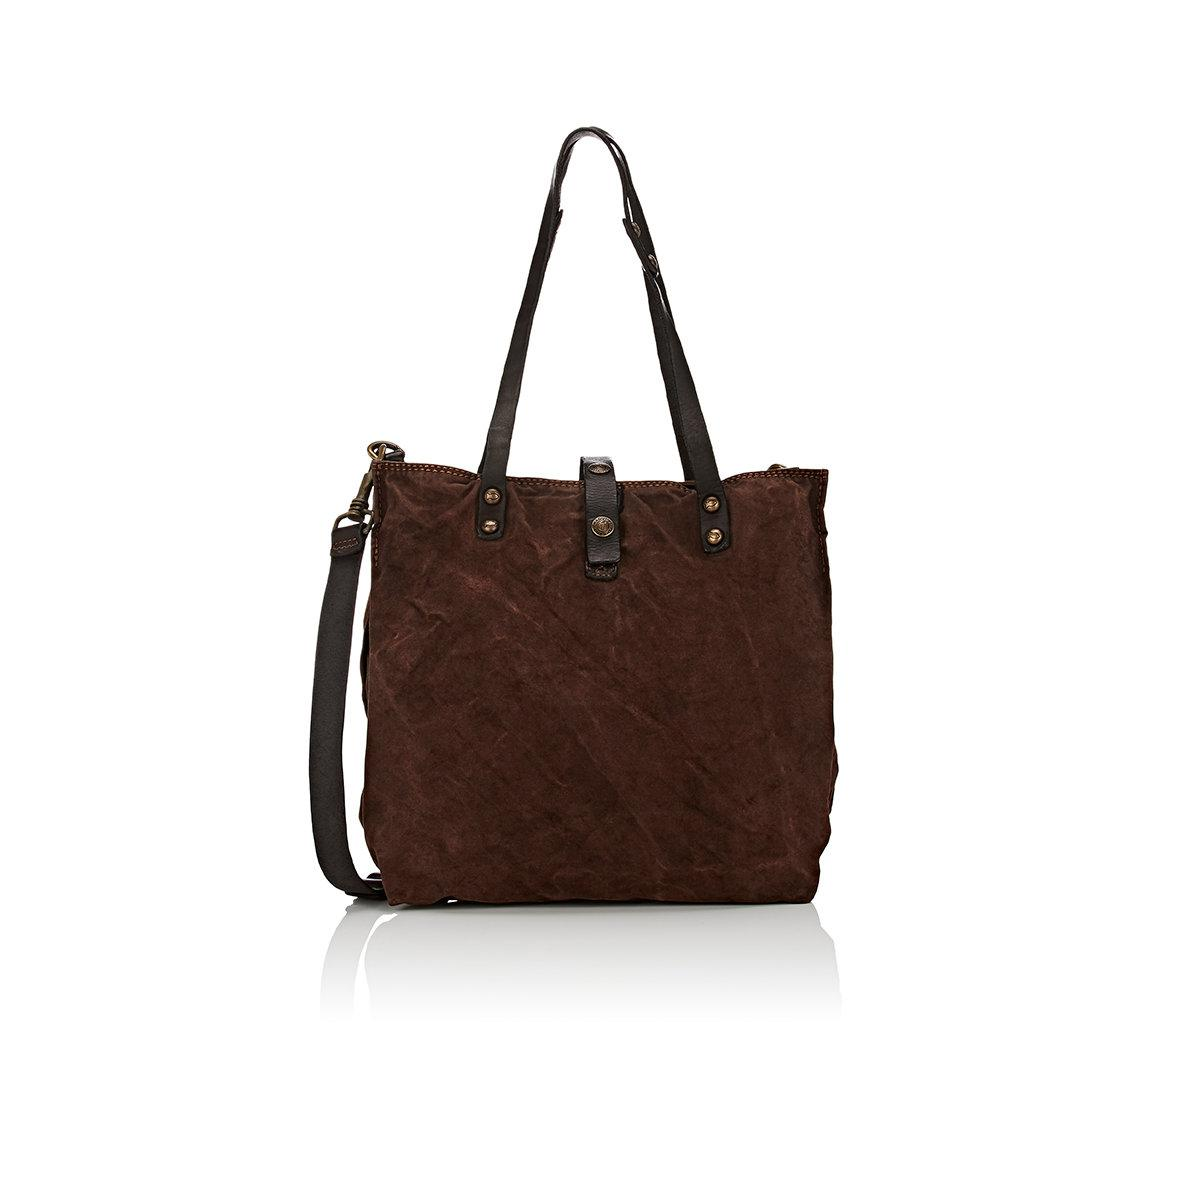 Campomaggi HANDBAGS - Shoulder bags su YOOX.COM 2pXmW